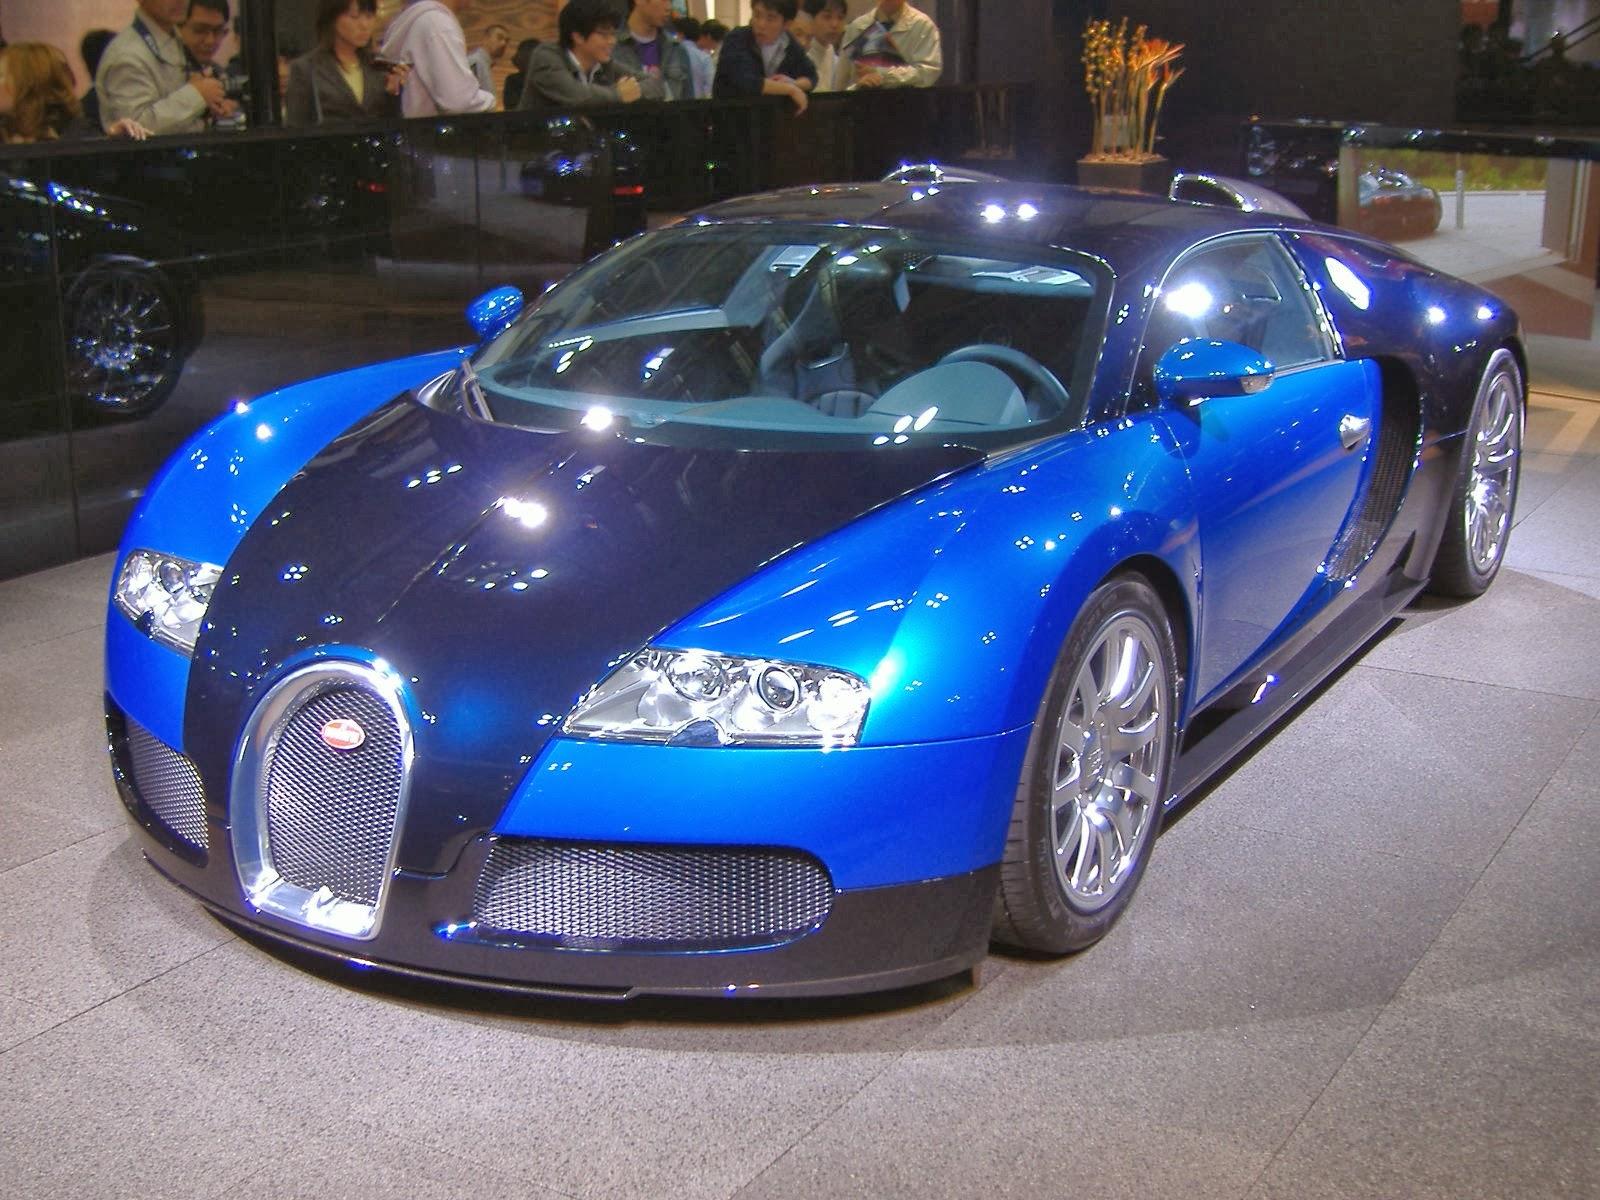 bugatti-veyron-01 Stunning Bugatti Veyron Price In Brazil Cars Trend